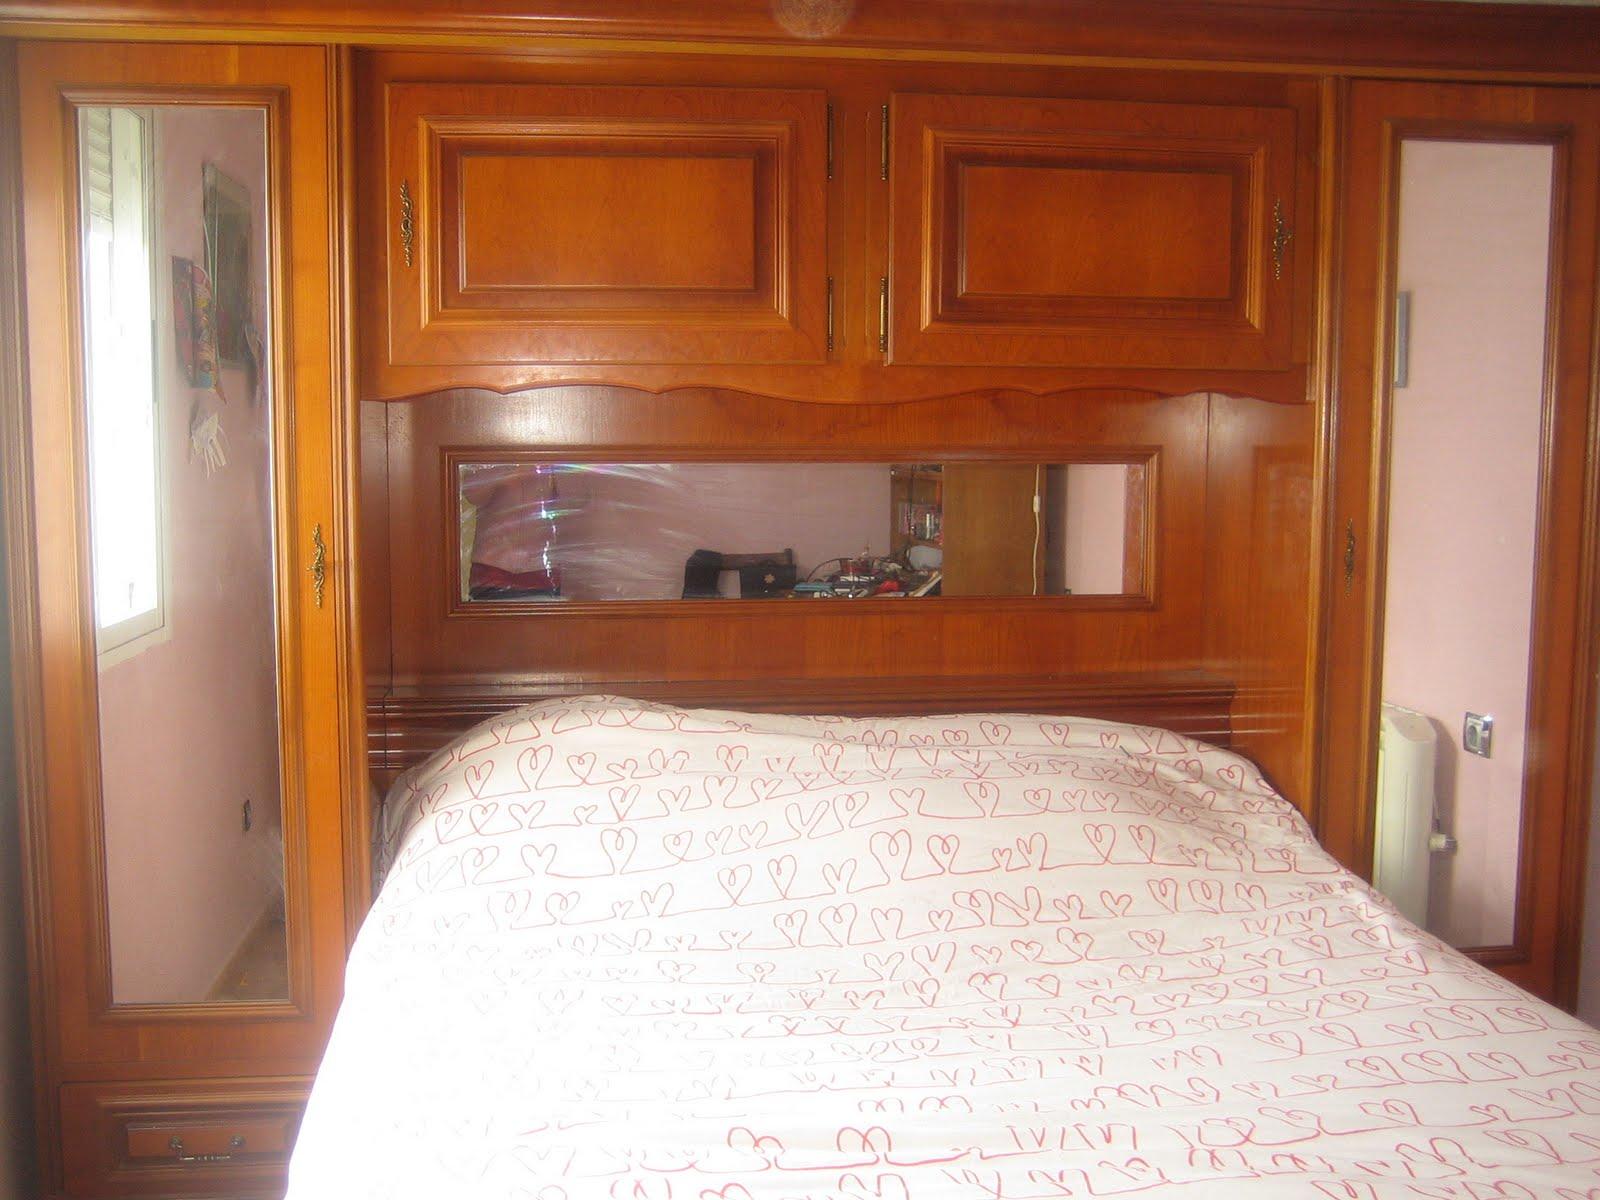 Venta Muebles Restaurados Venta De Muebles Restaurados Compro  # Muebles Restaurados En Blanco